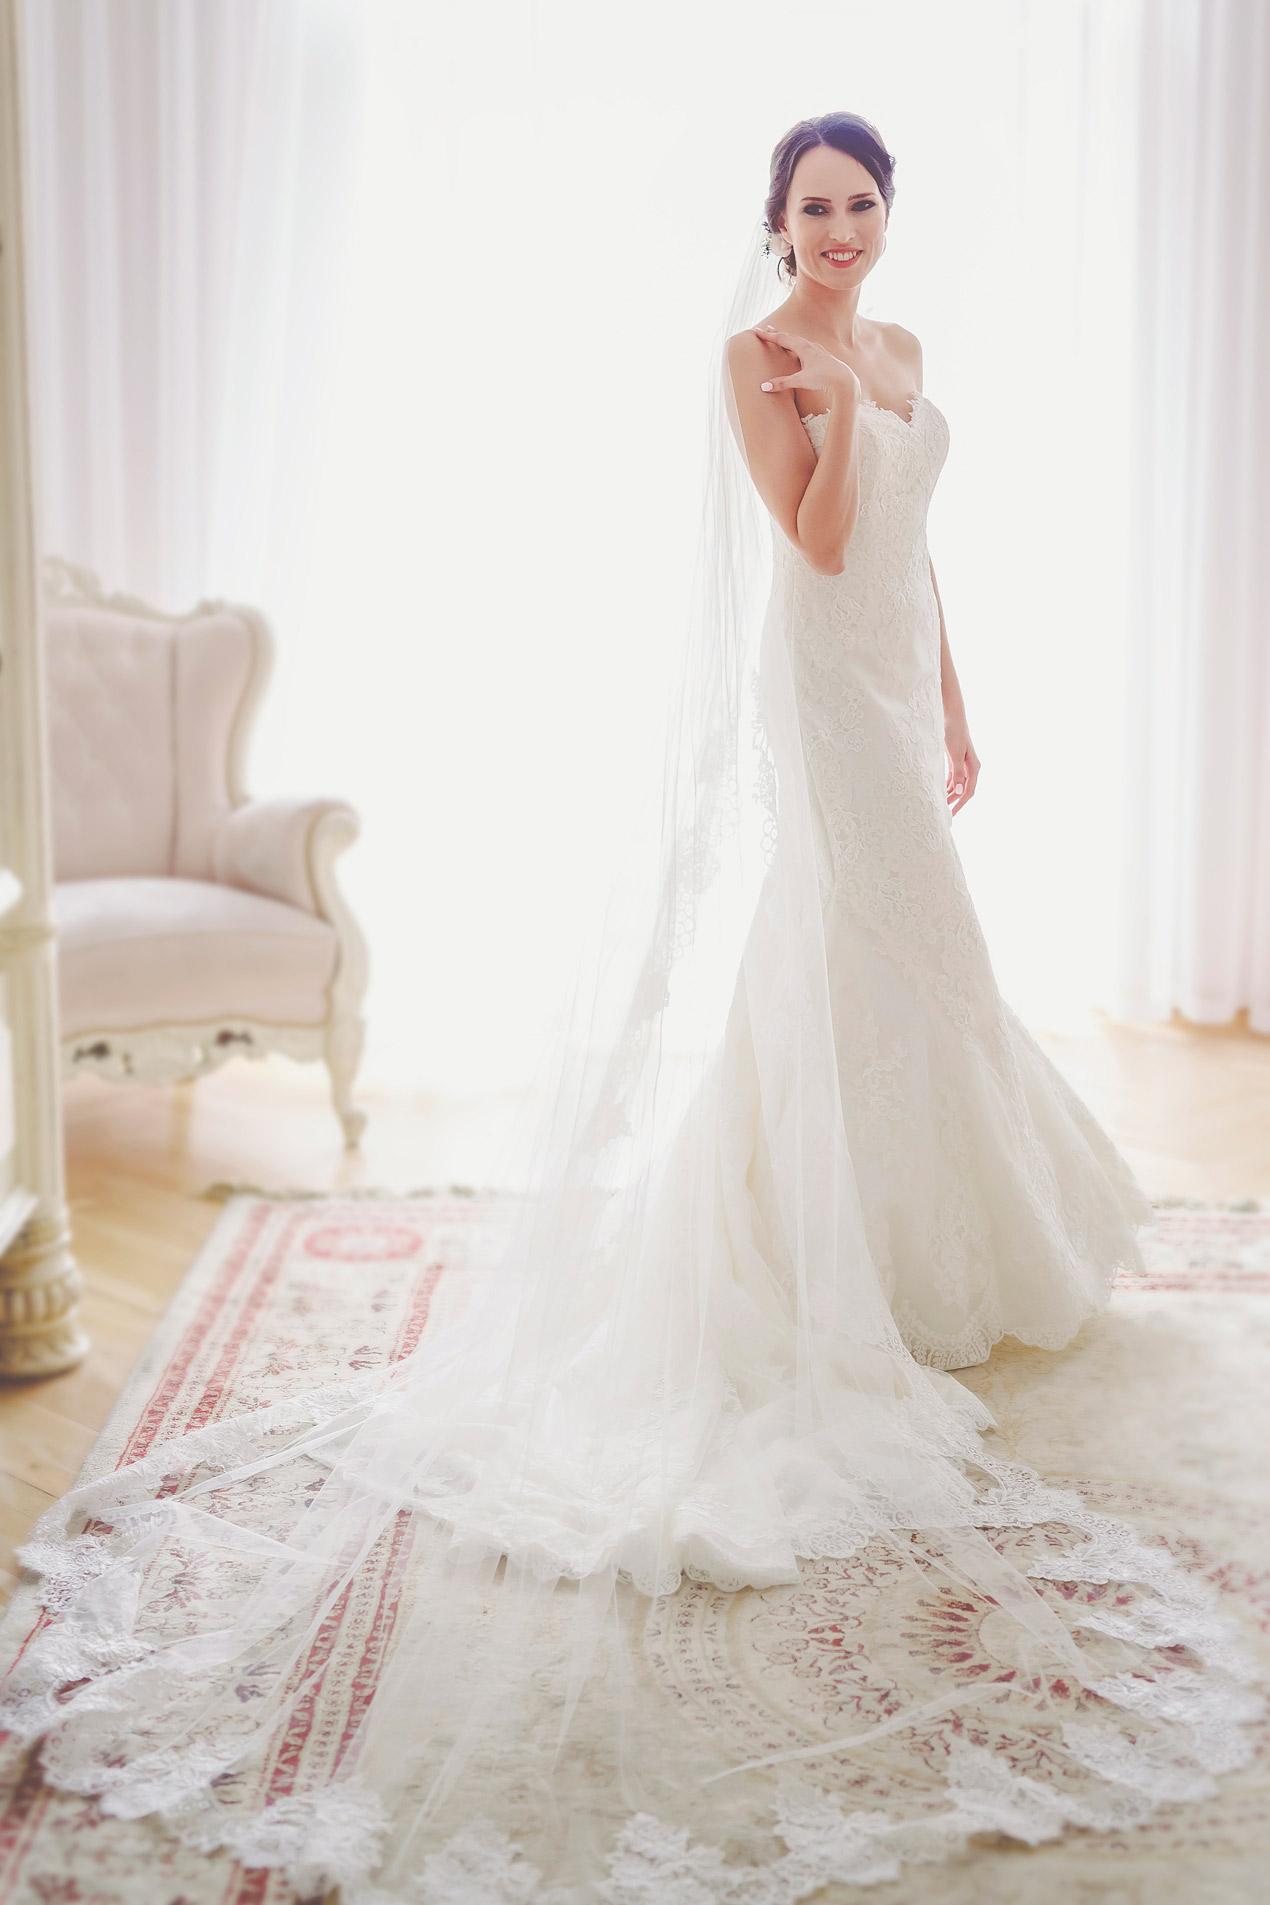 Pałac Brunów, wesele, slub, przygotowania, panna młoda, fotograf, wesele Pałac Brunów